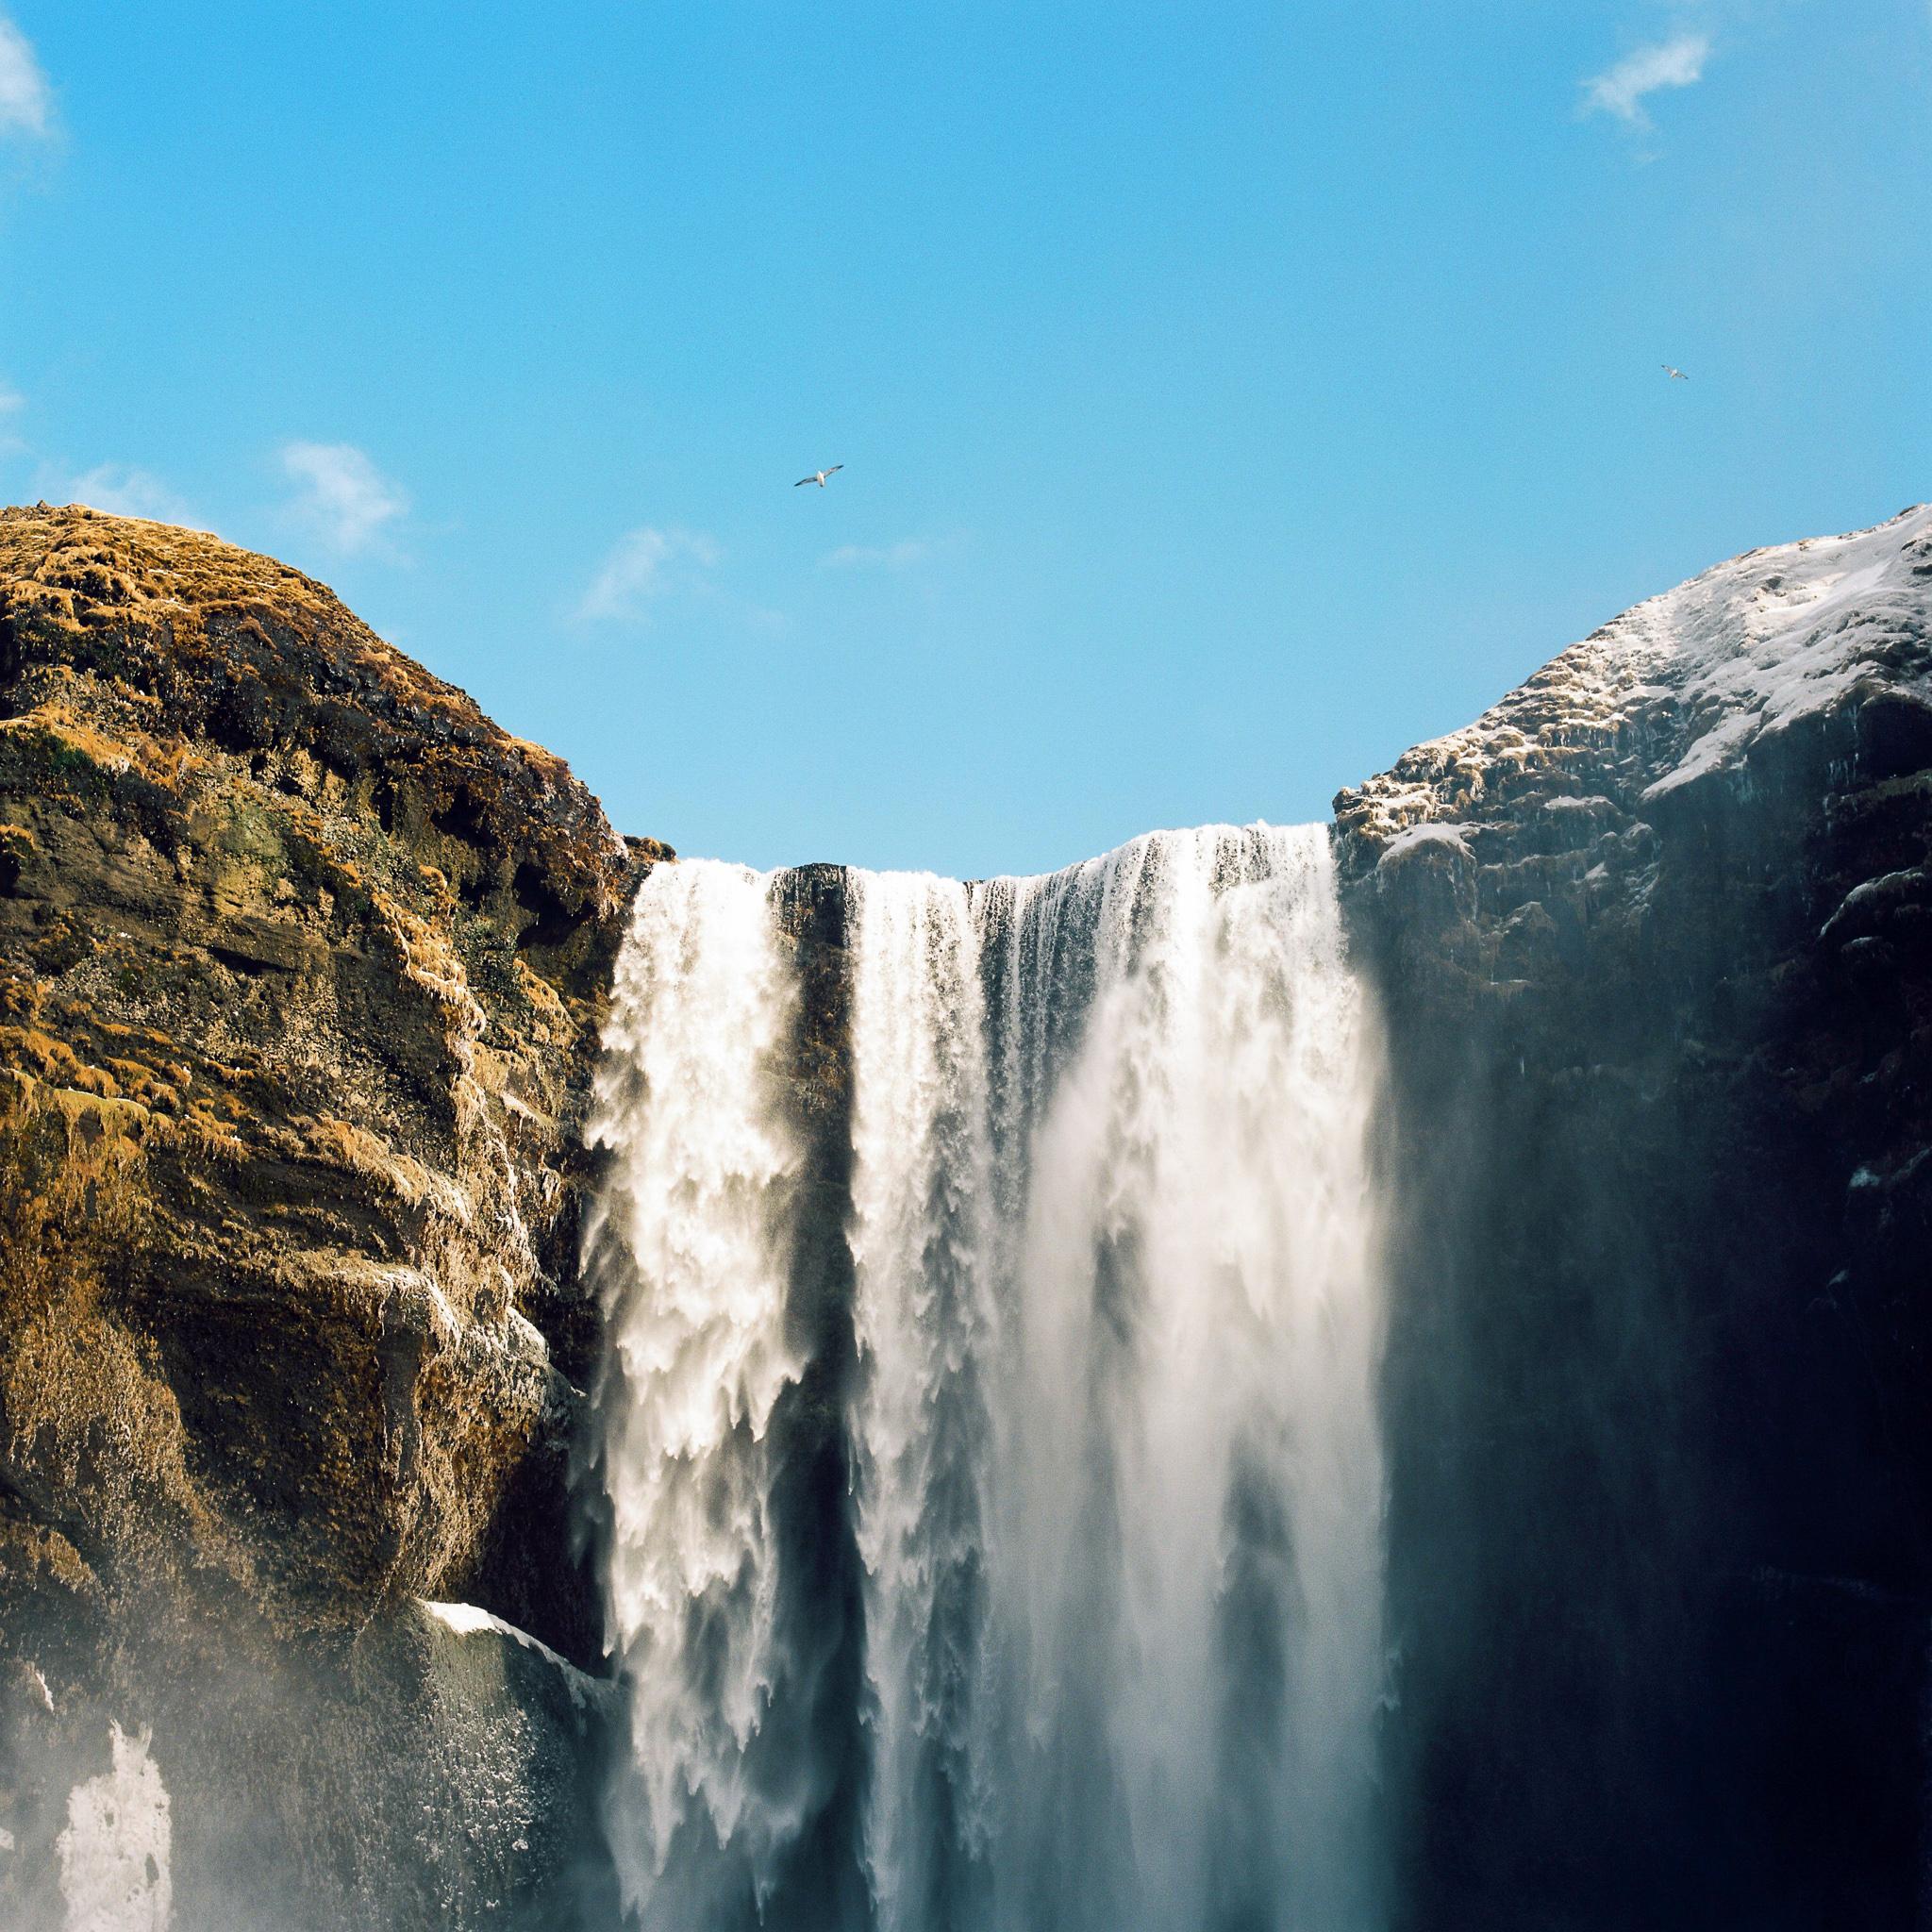 Skógafoss, Iceland. Hasselblad 500C/M, Kodak Ektar 100